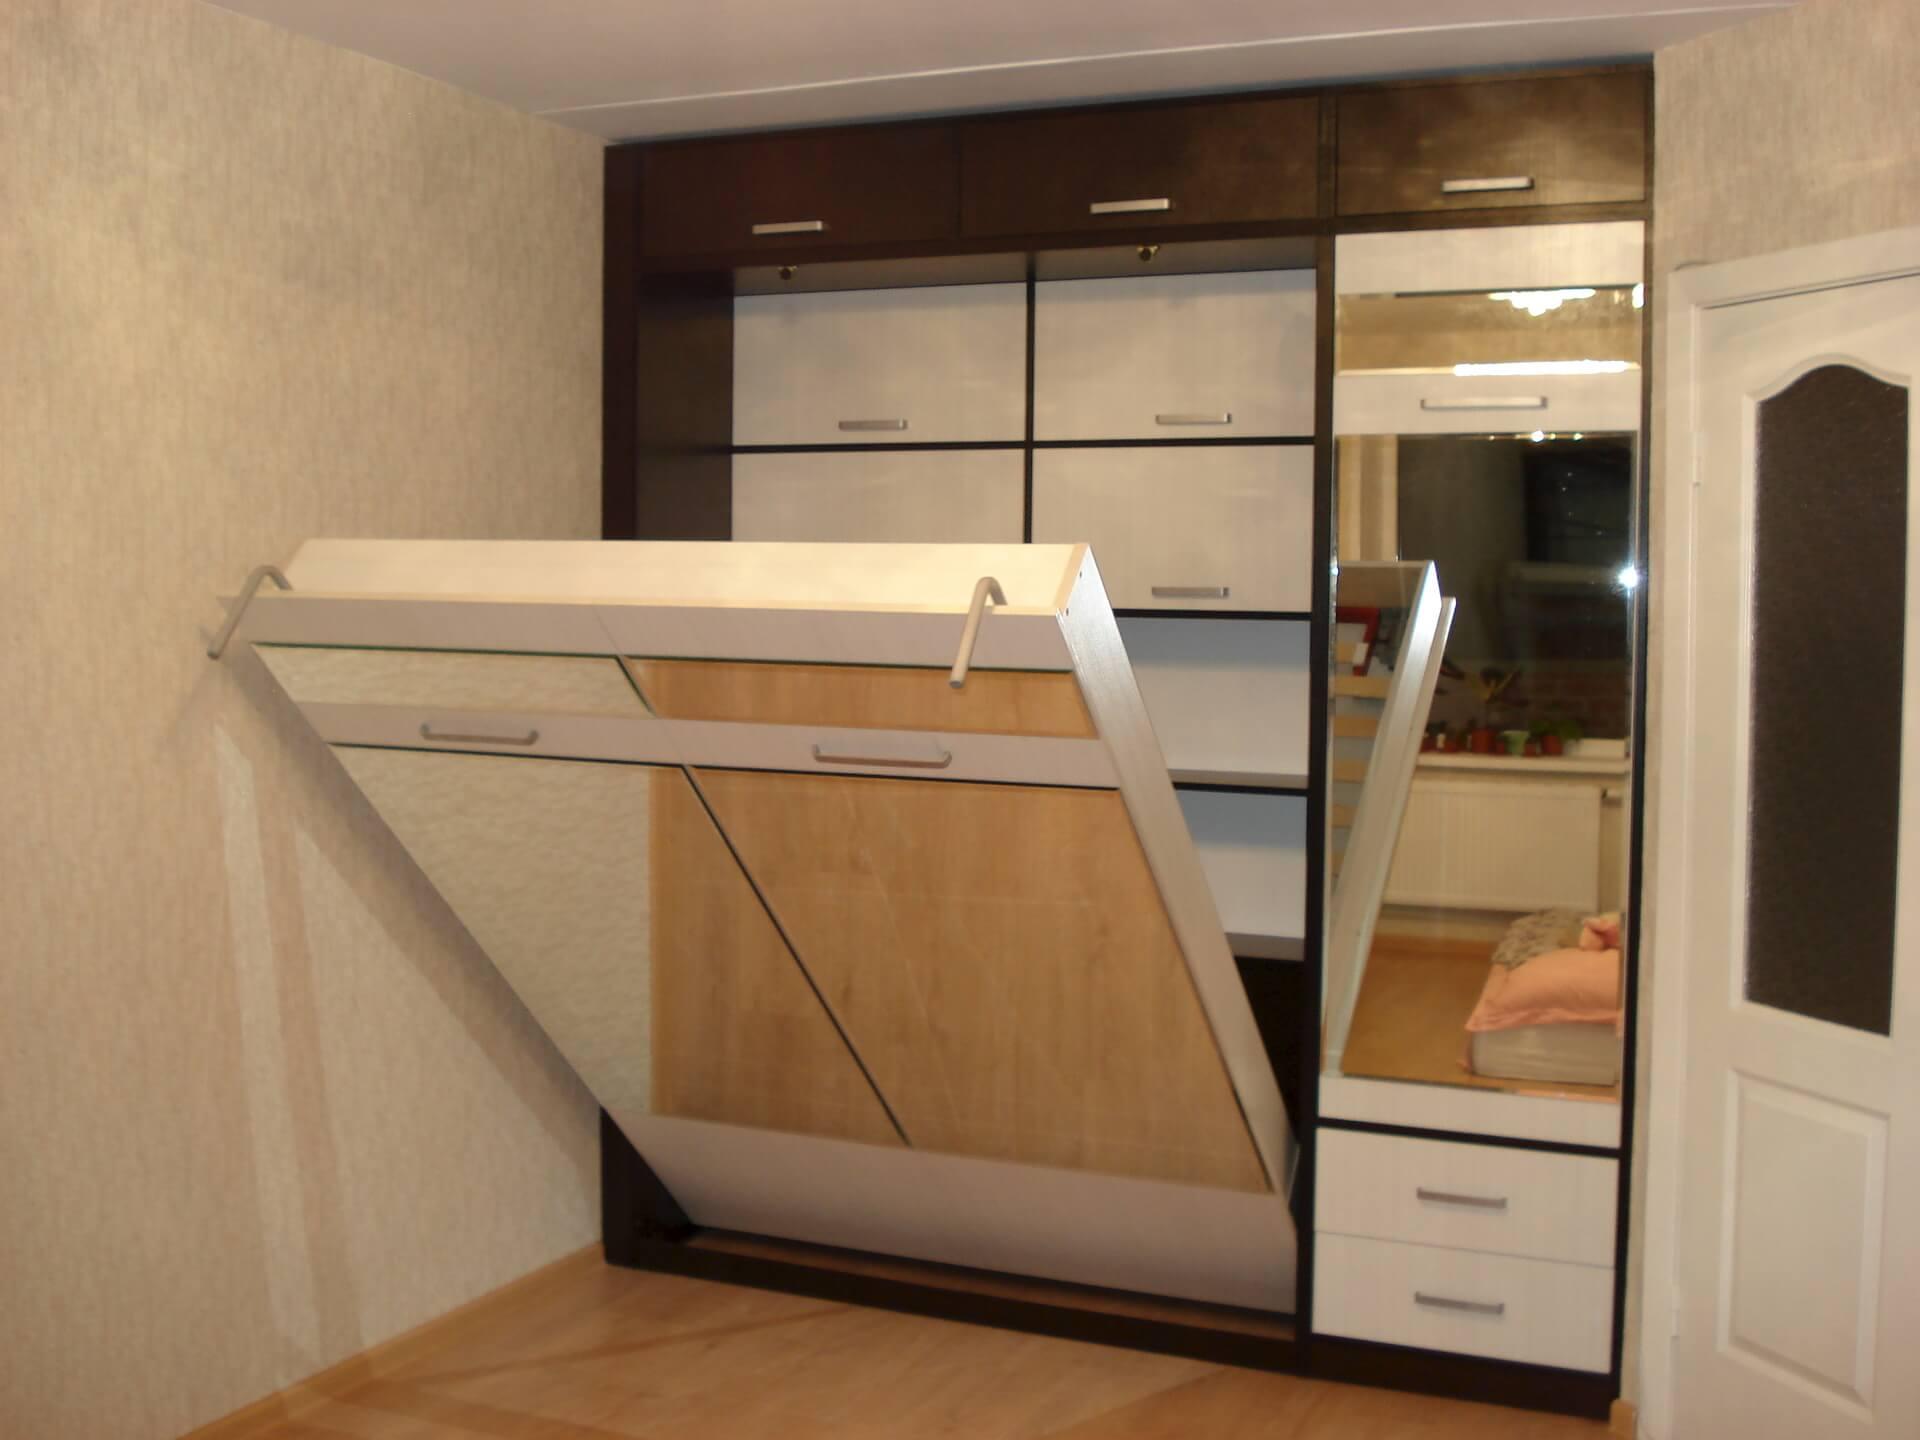 Фасады мебельные для шкафов, какие бывают по способу открыва.